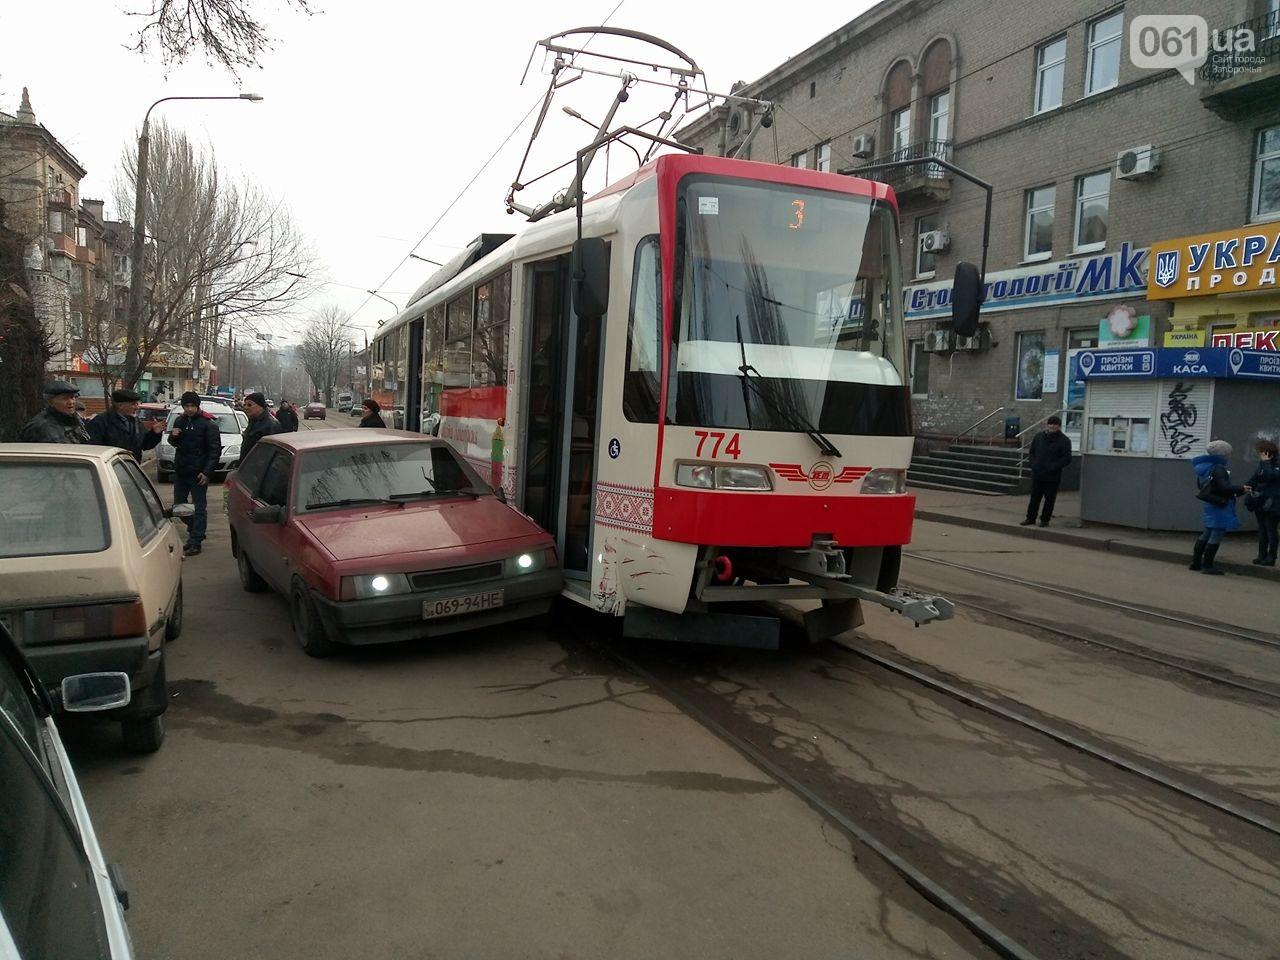 В Запорожье легковушка врезалась в новый трамвай - ФОТО